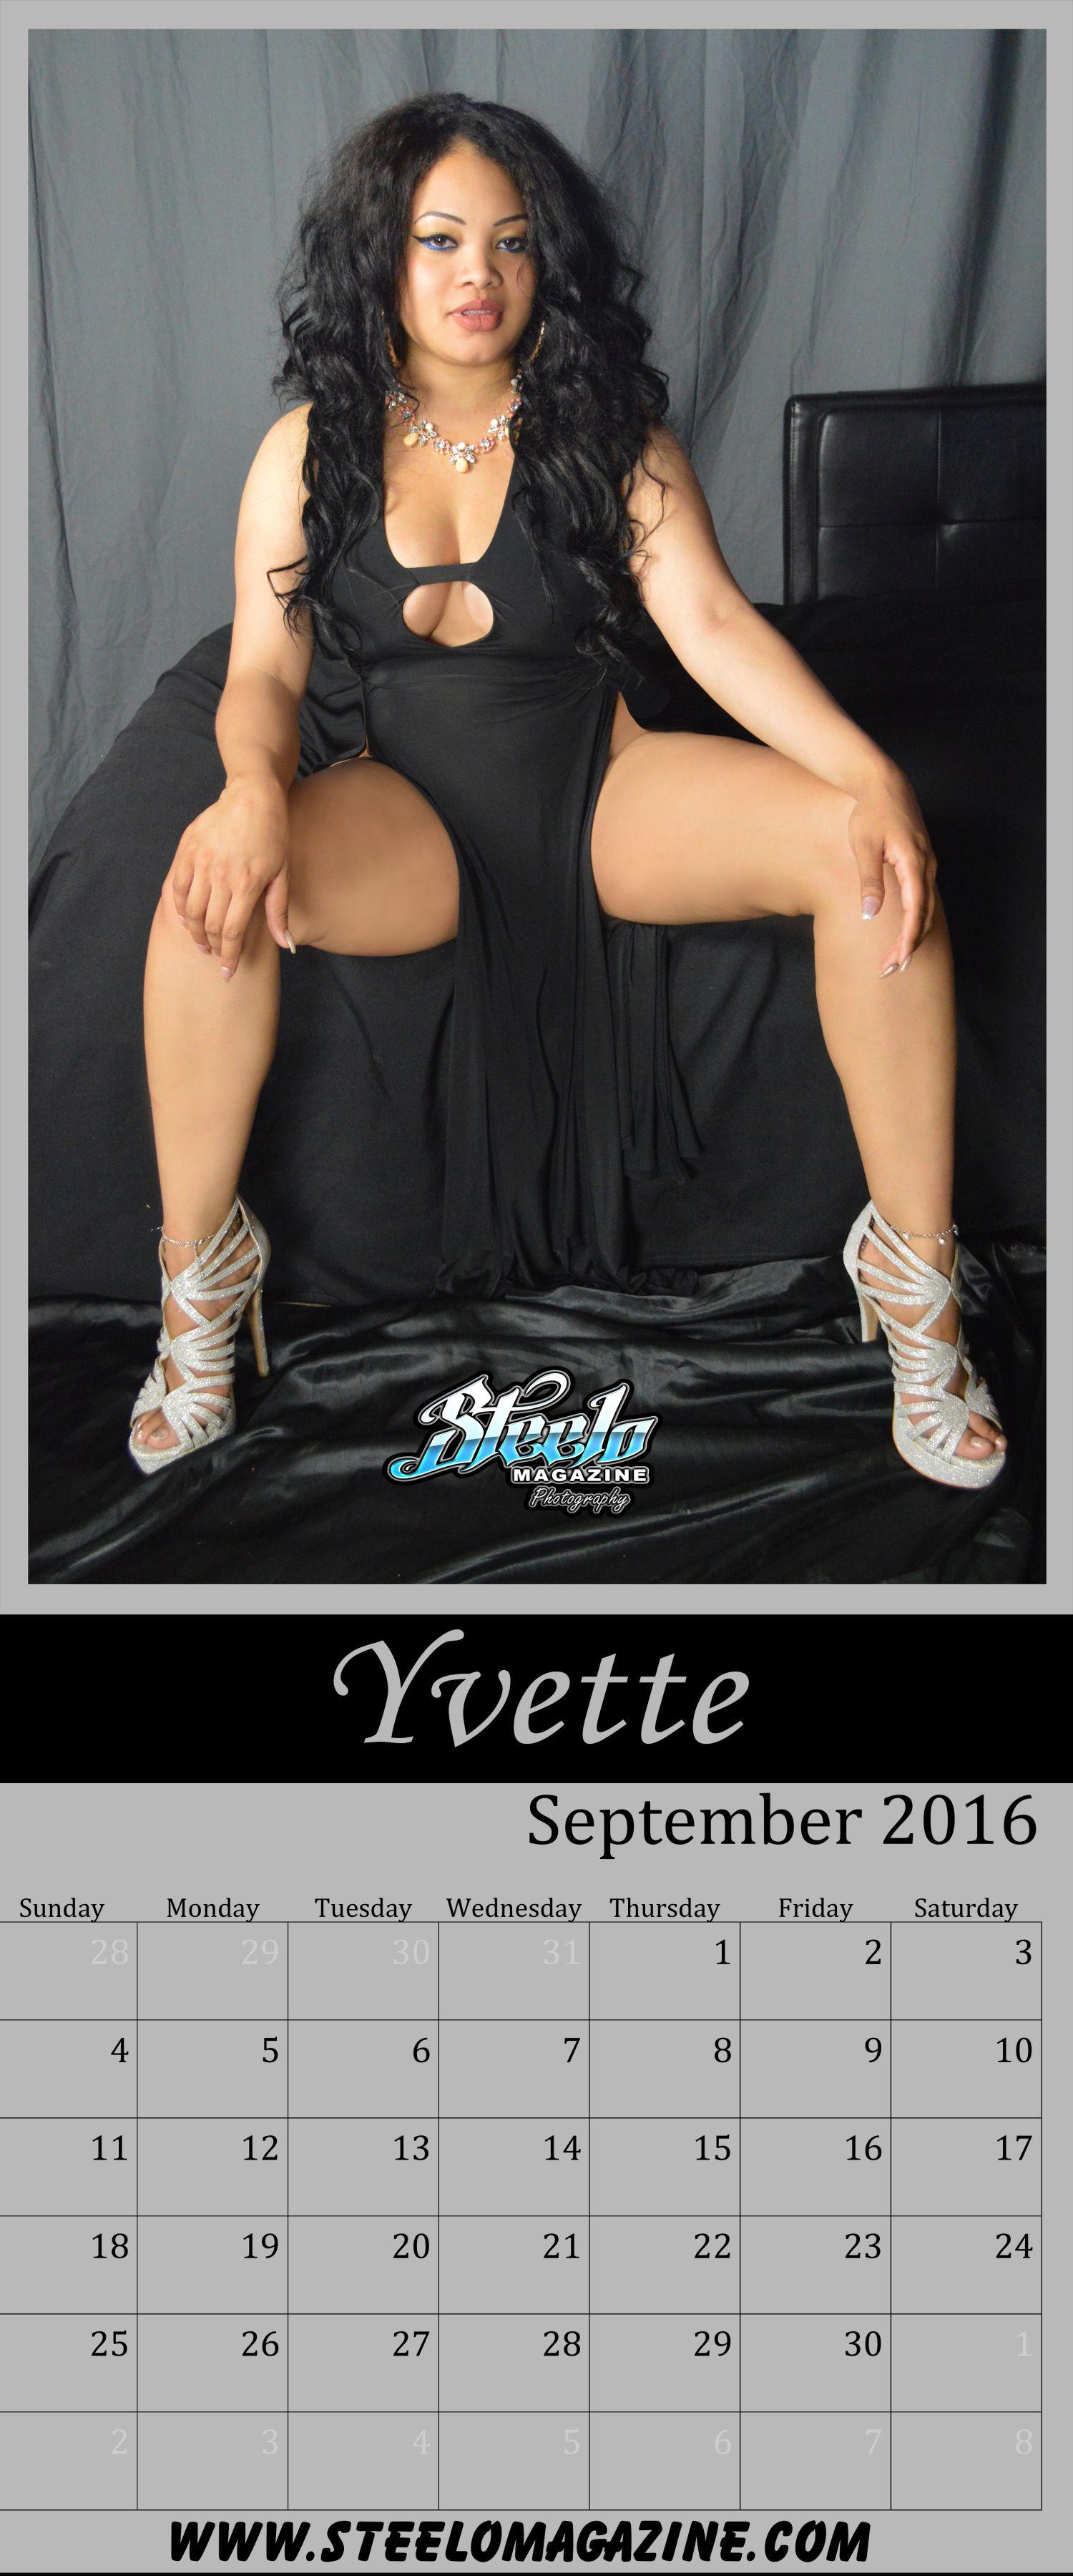 September 2016 Calendar Yvette 2